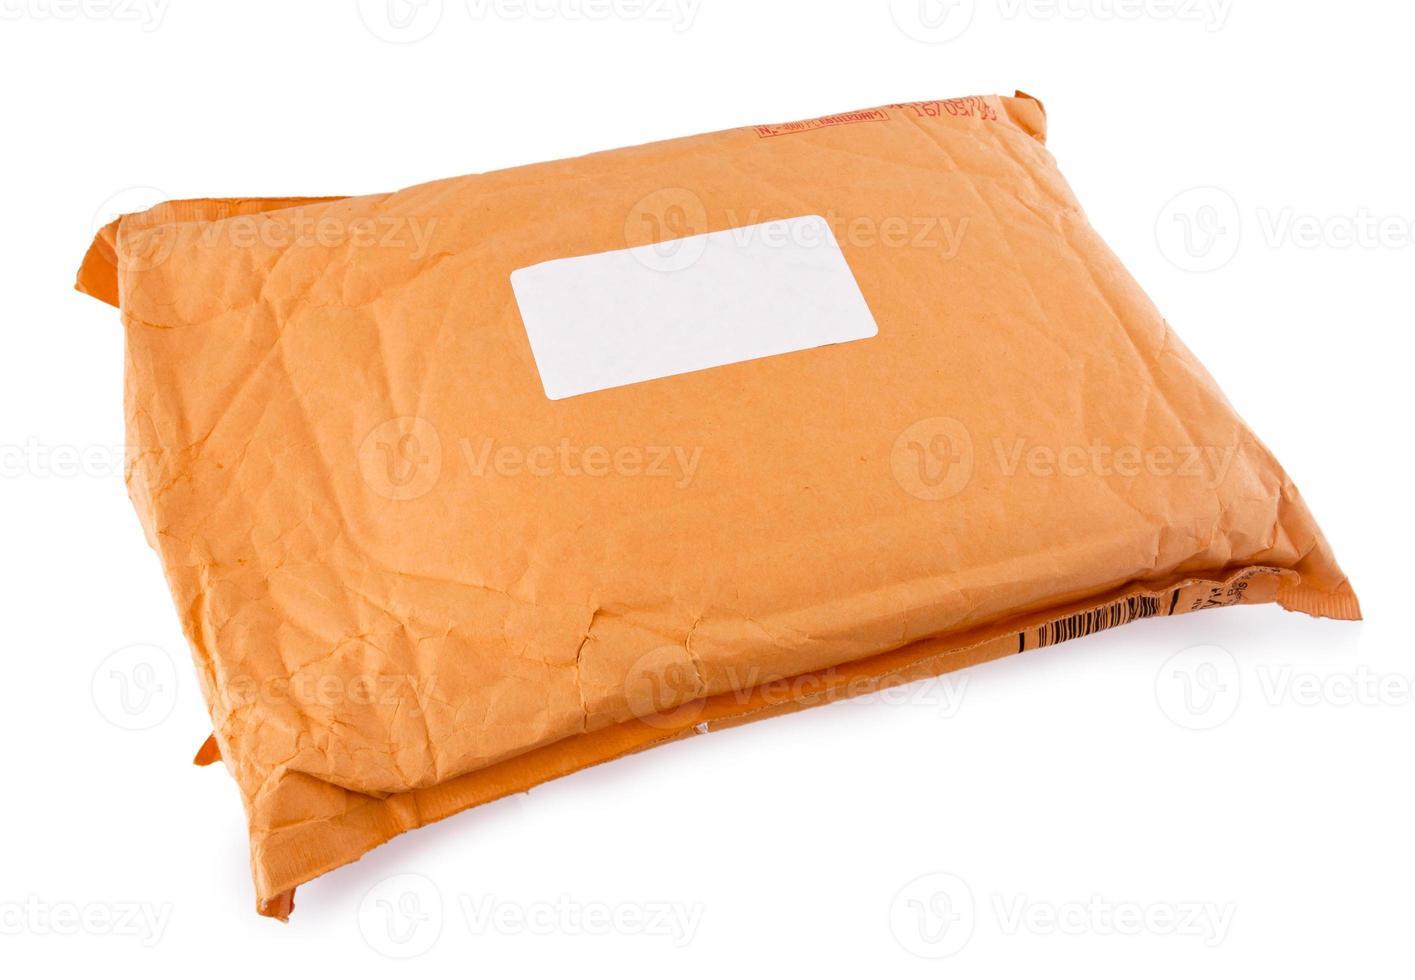 paketet foto